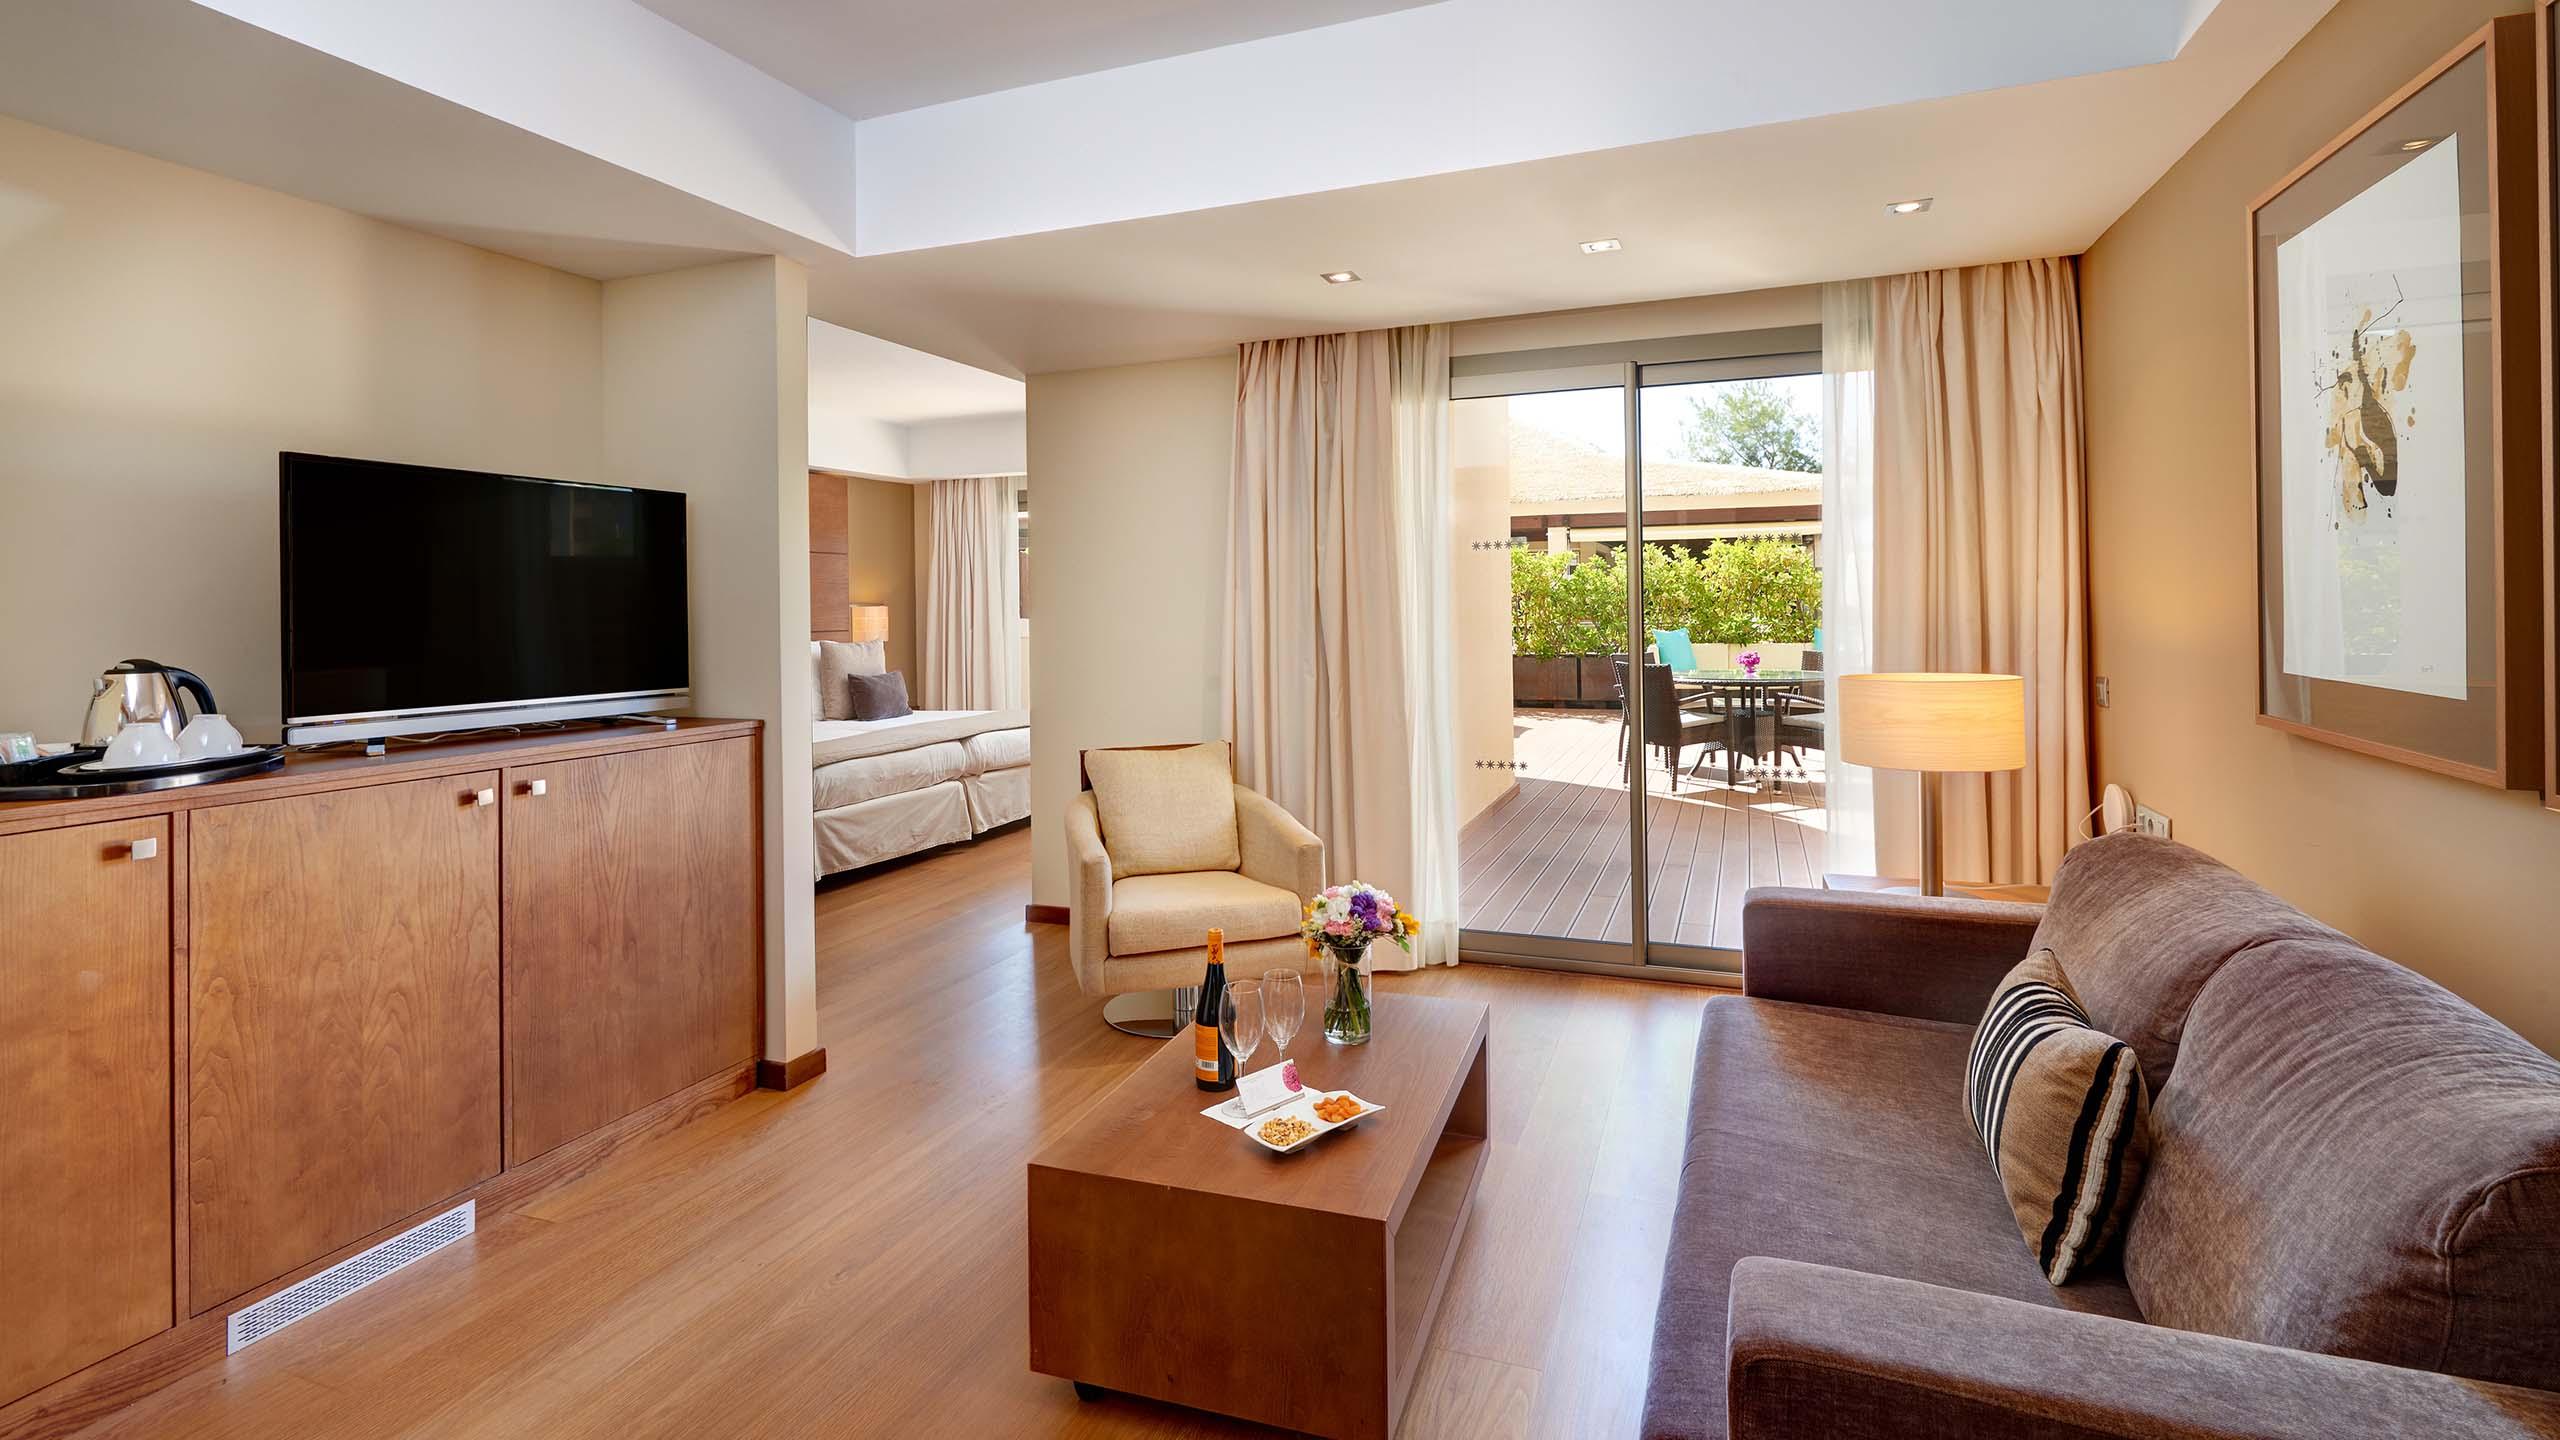 Stunning Hotels Mit Glutenfreier Küche Auf Mallorca Images - Home ...